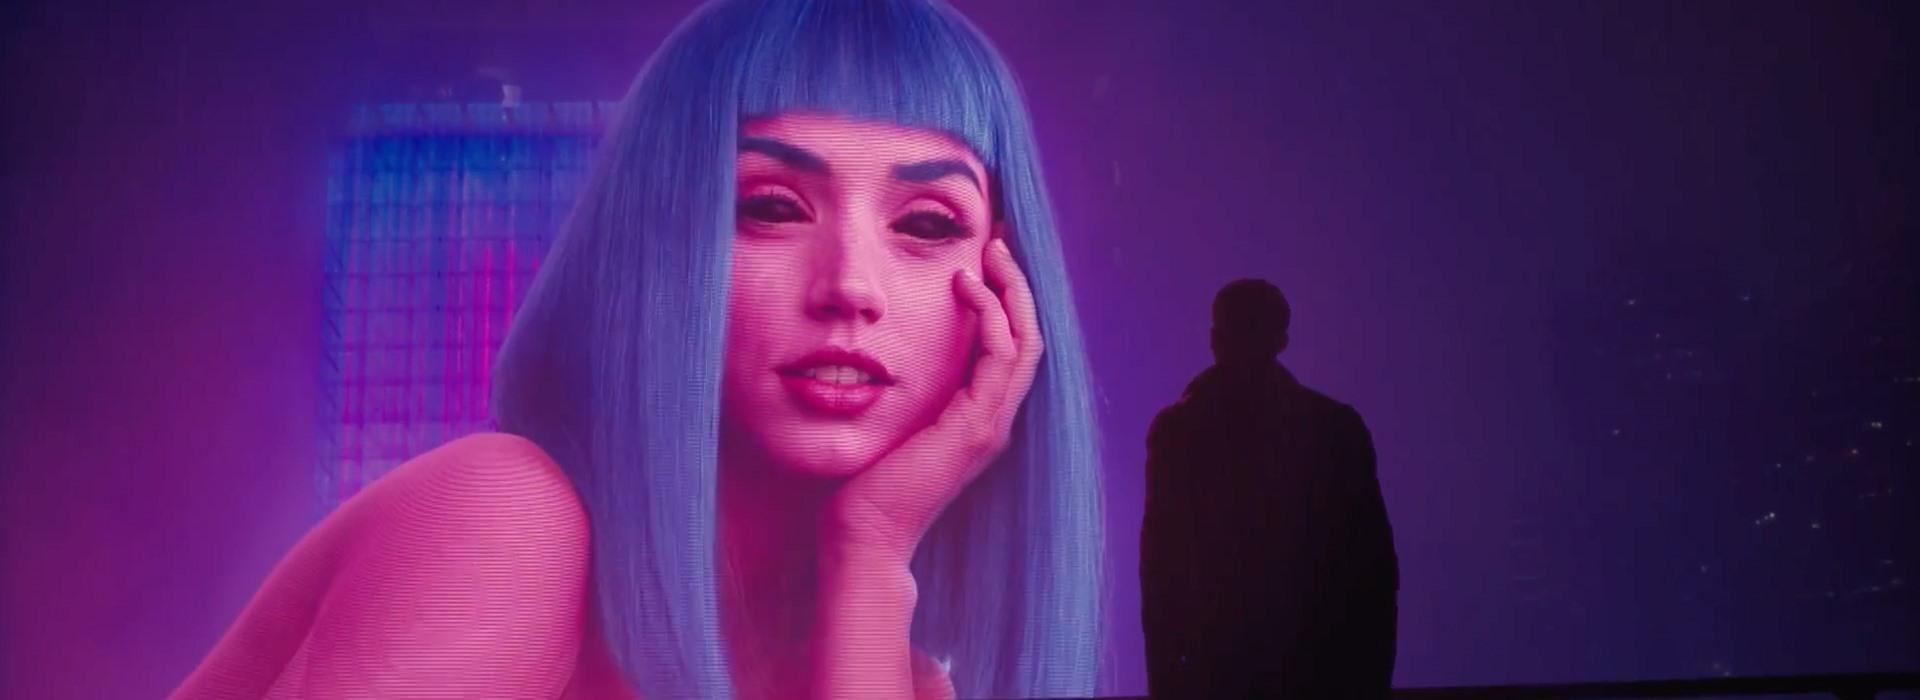 Blade Runner 2049 [WEBRip] cover